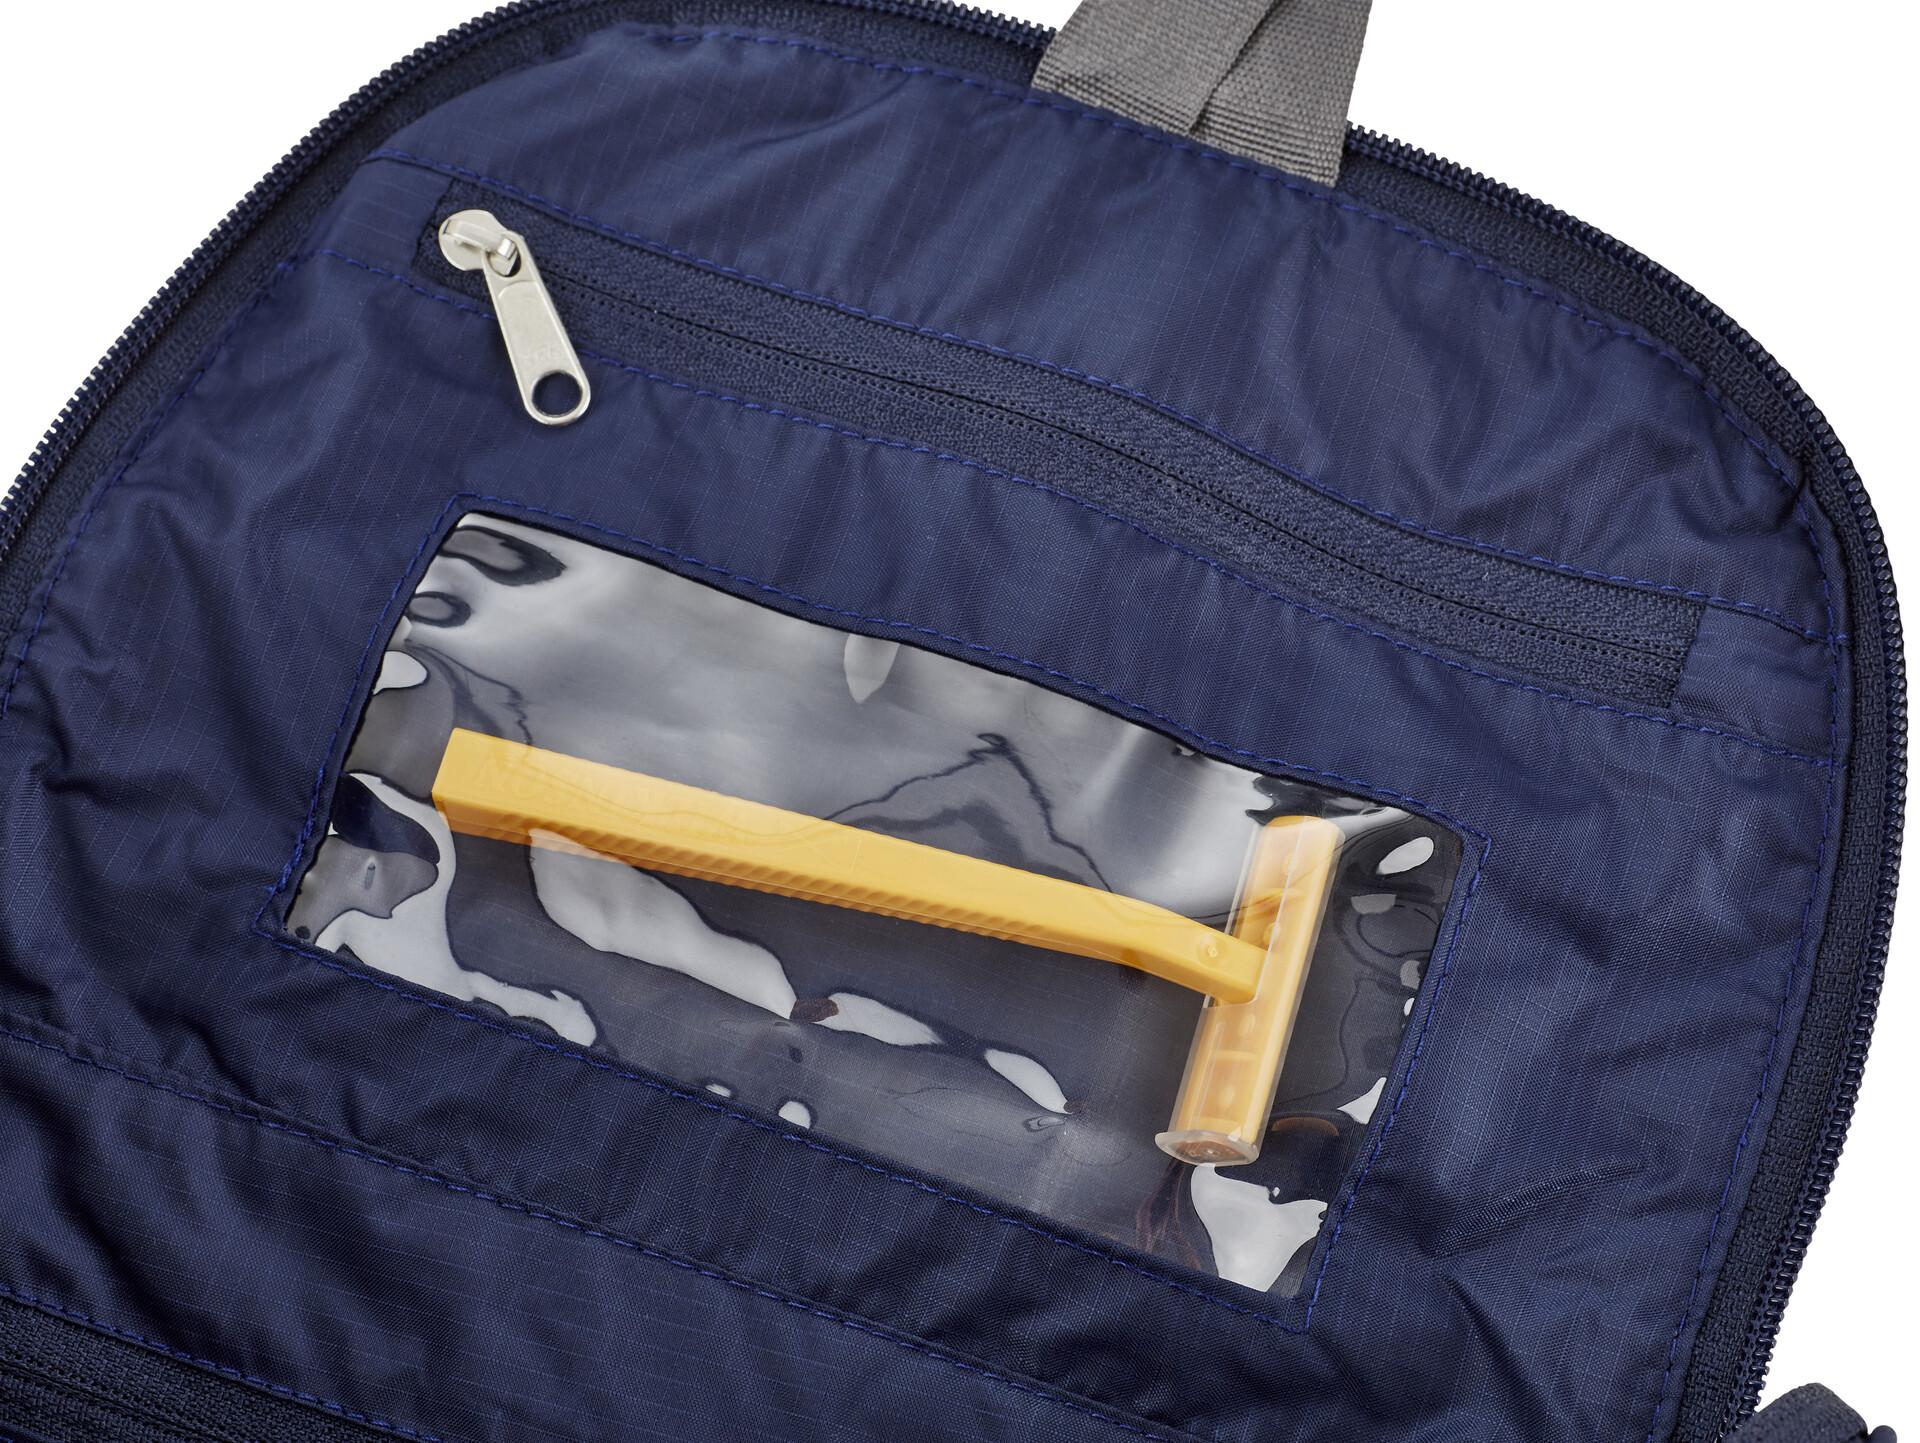 Klettergurt Ultraleicht : Skylotec klettergurt und rucksack in einem